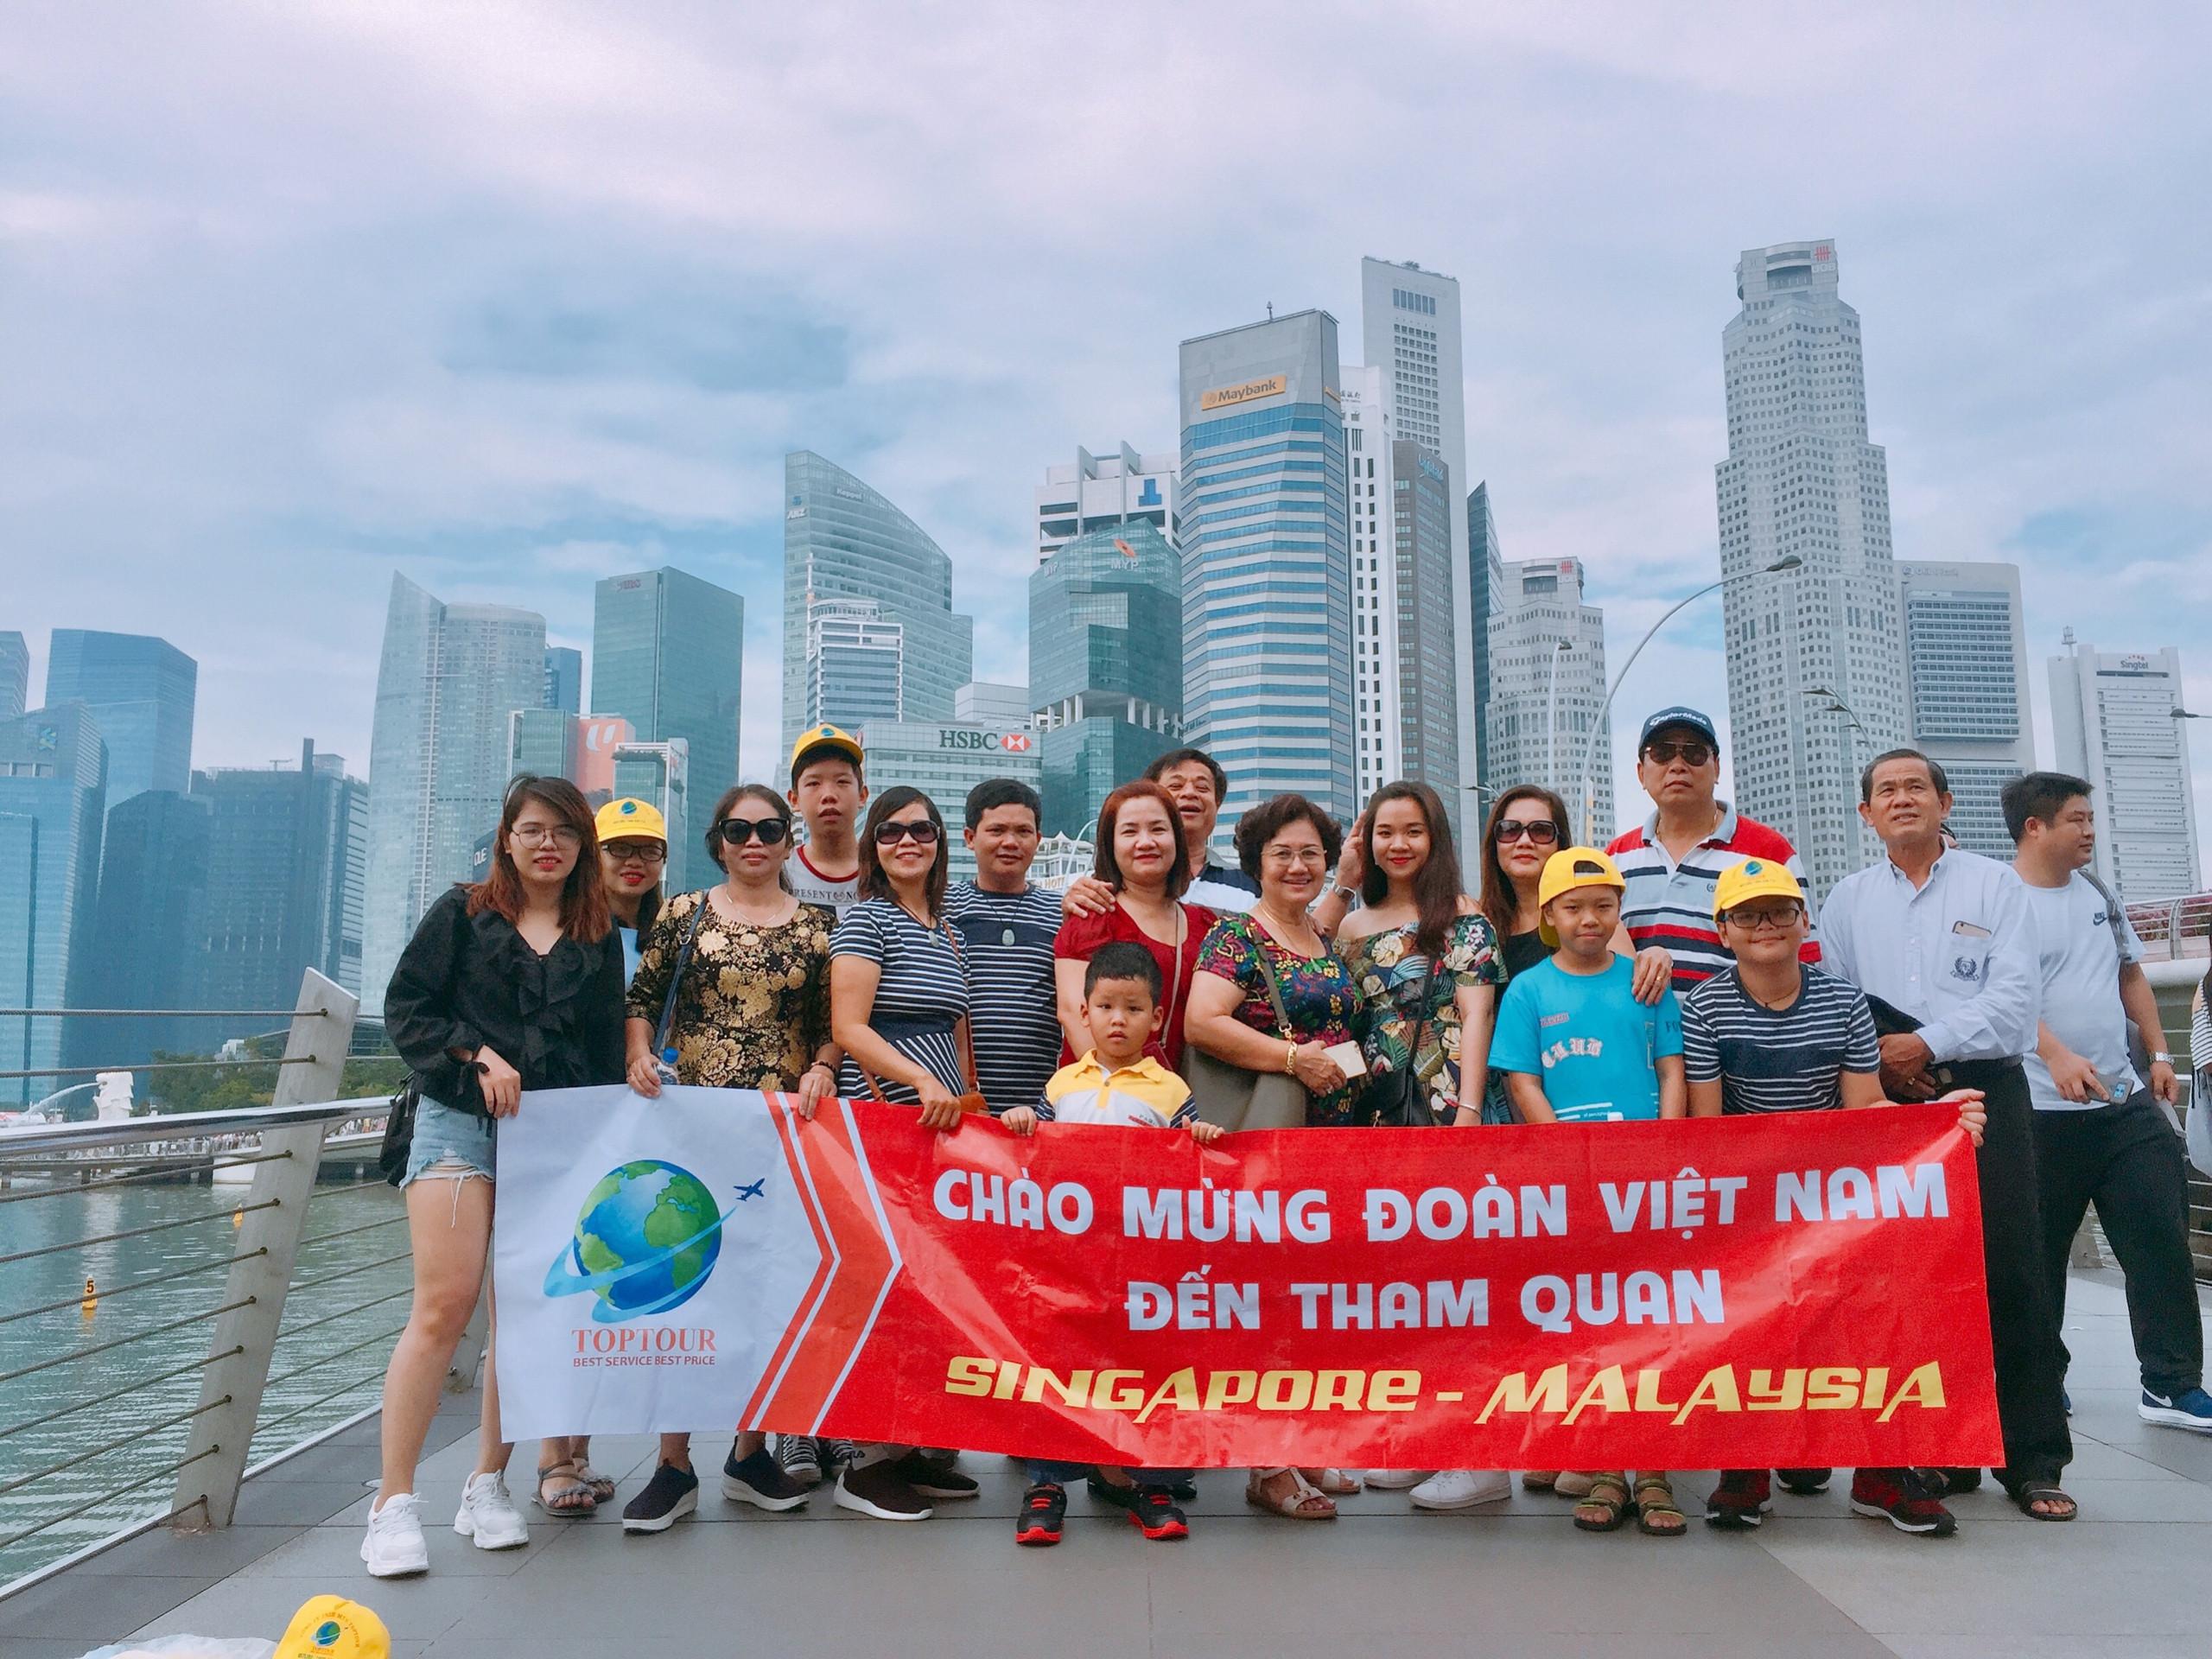 Giảm tới 43% Tour Singapore Malaysia 5 ngày 4 đêm trọn gói chỉ còn 7.968.000